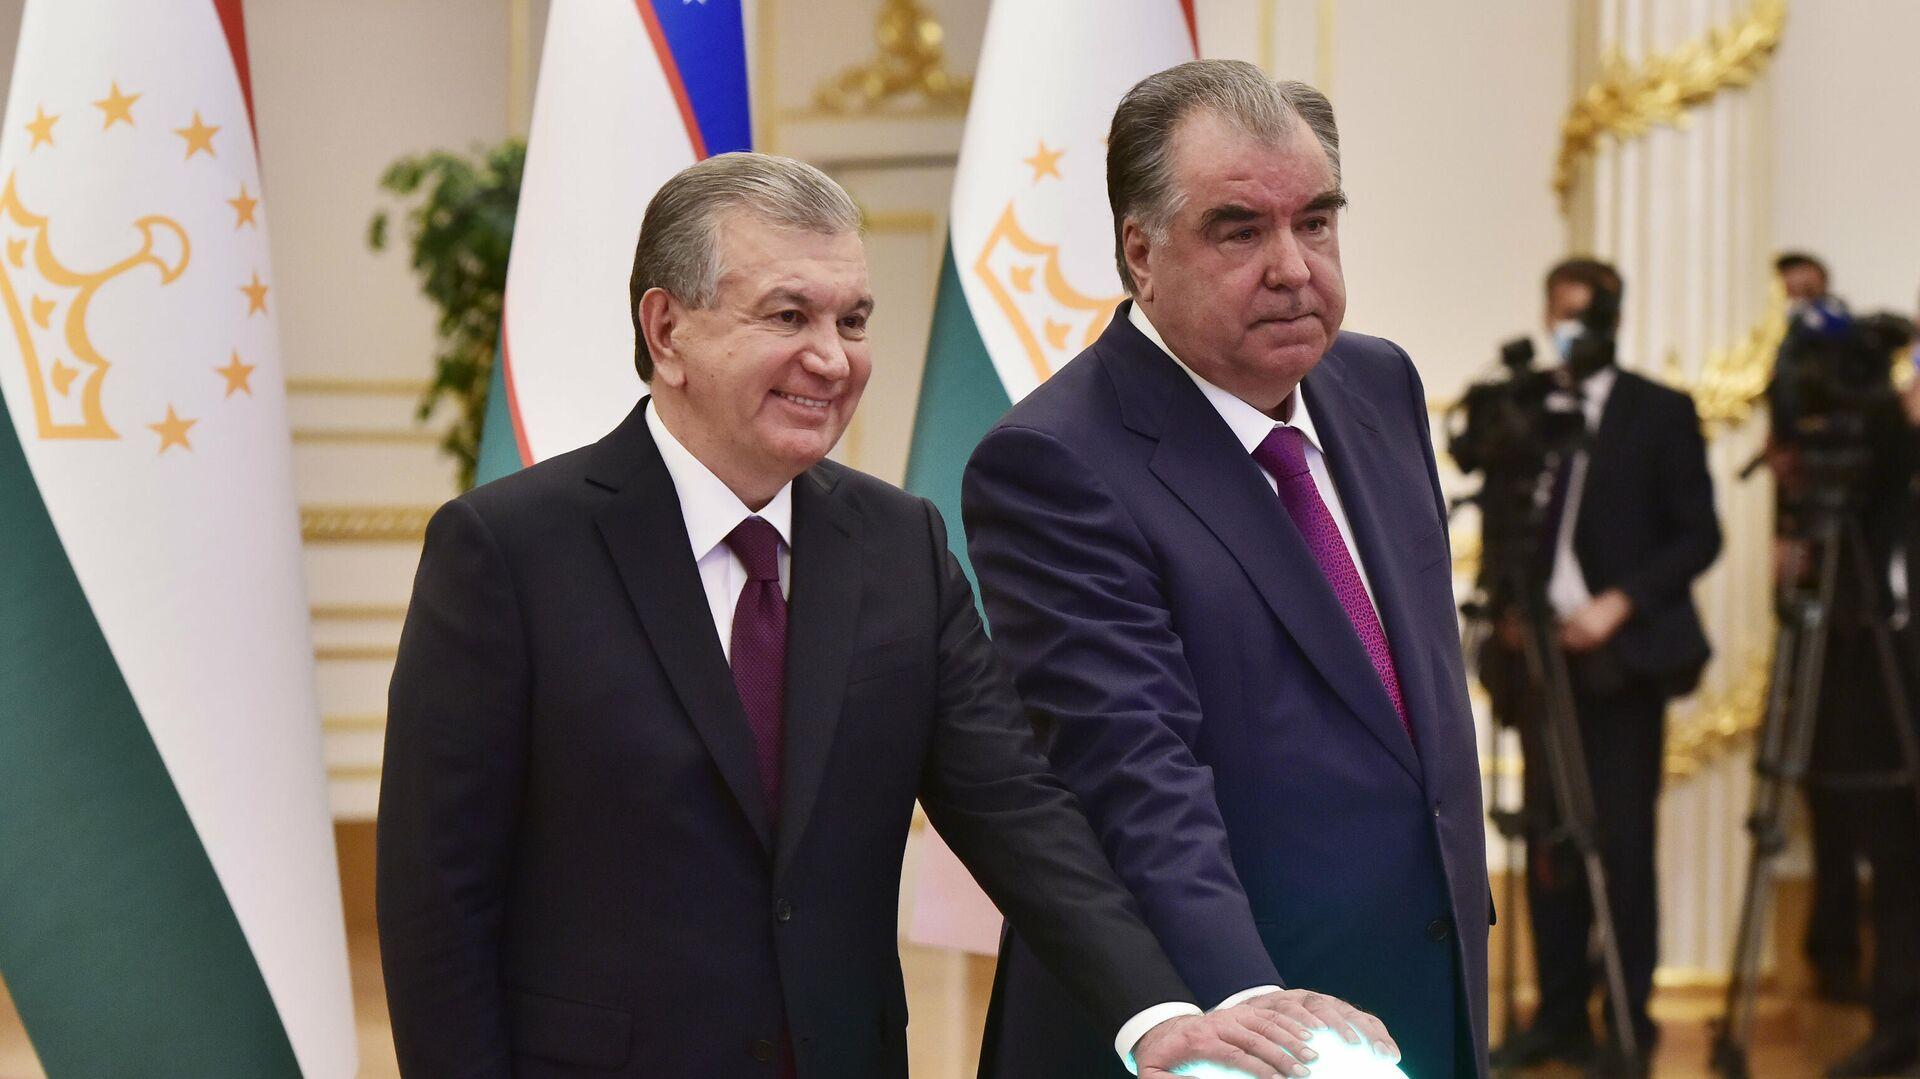 Эмомали Рахмон и Шавкат Мирзиеев запустили новую школу и оздоровительный комплекс - Sputnik Таджикистан, 1920, 10.06.2021